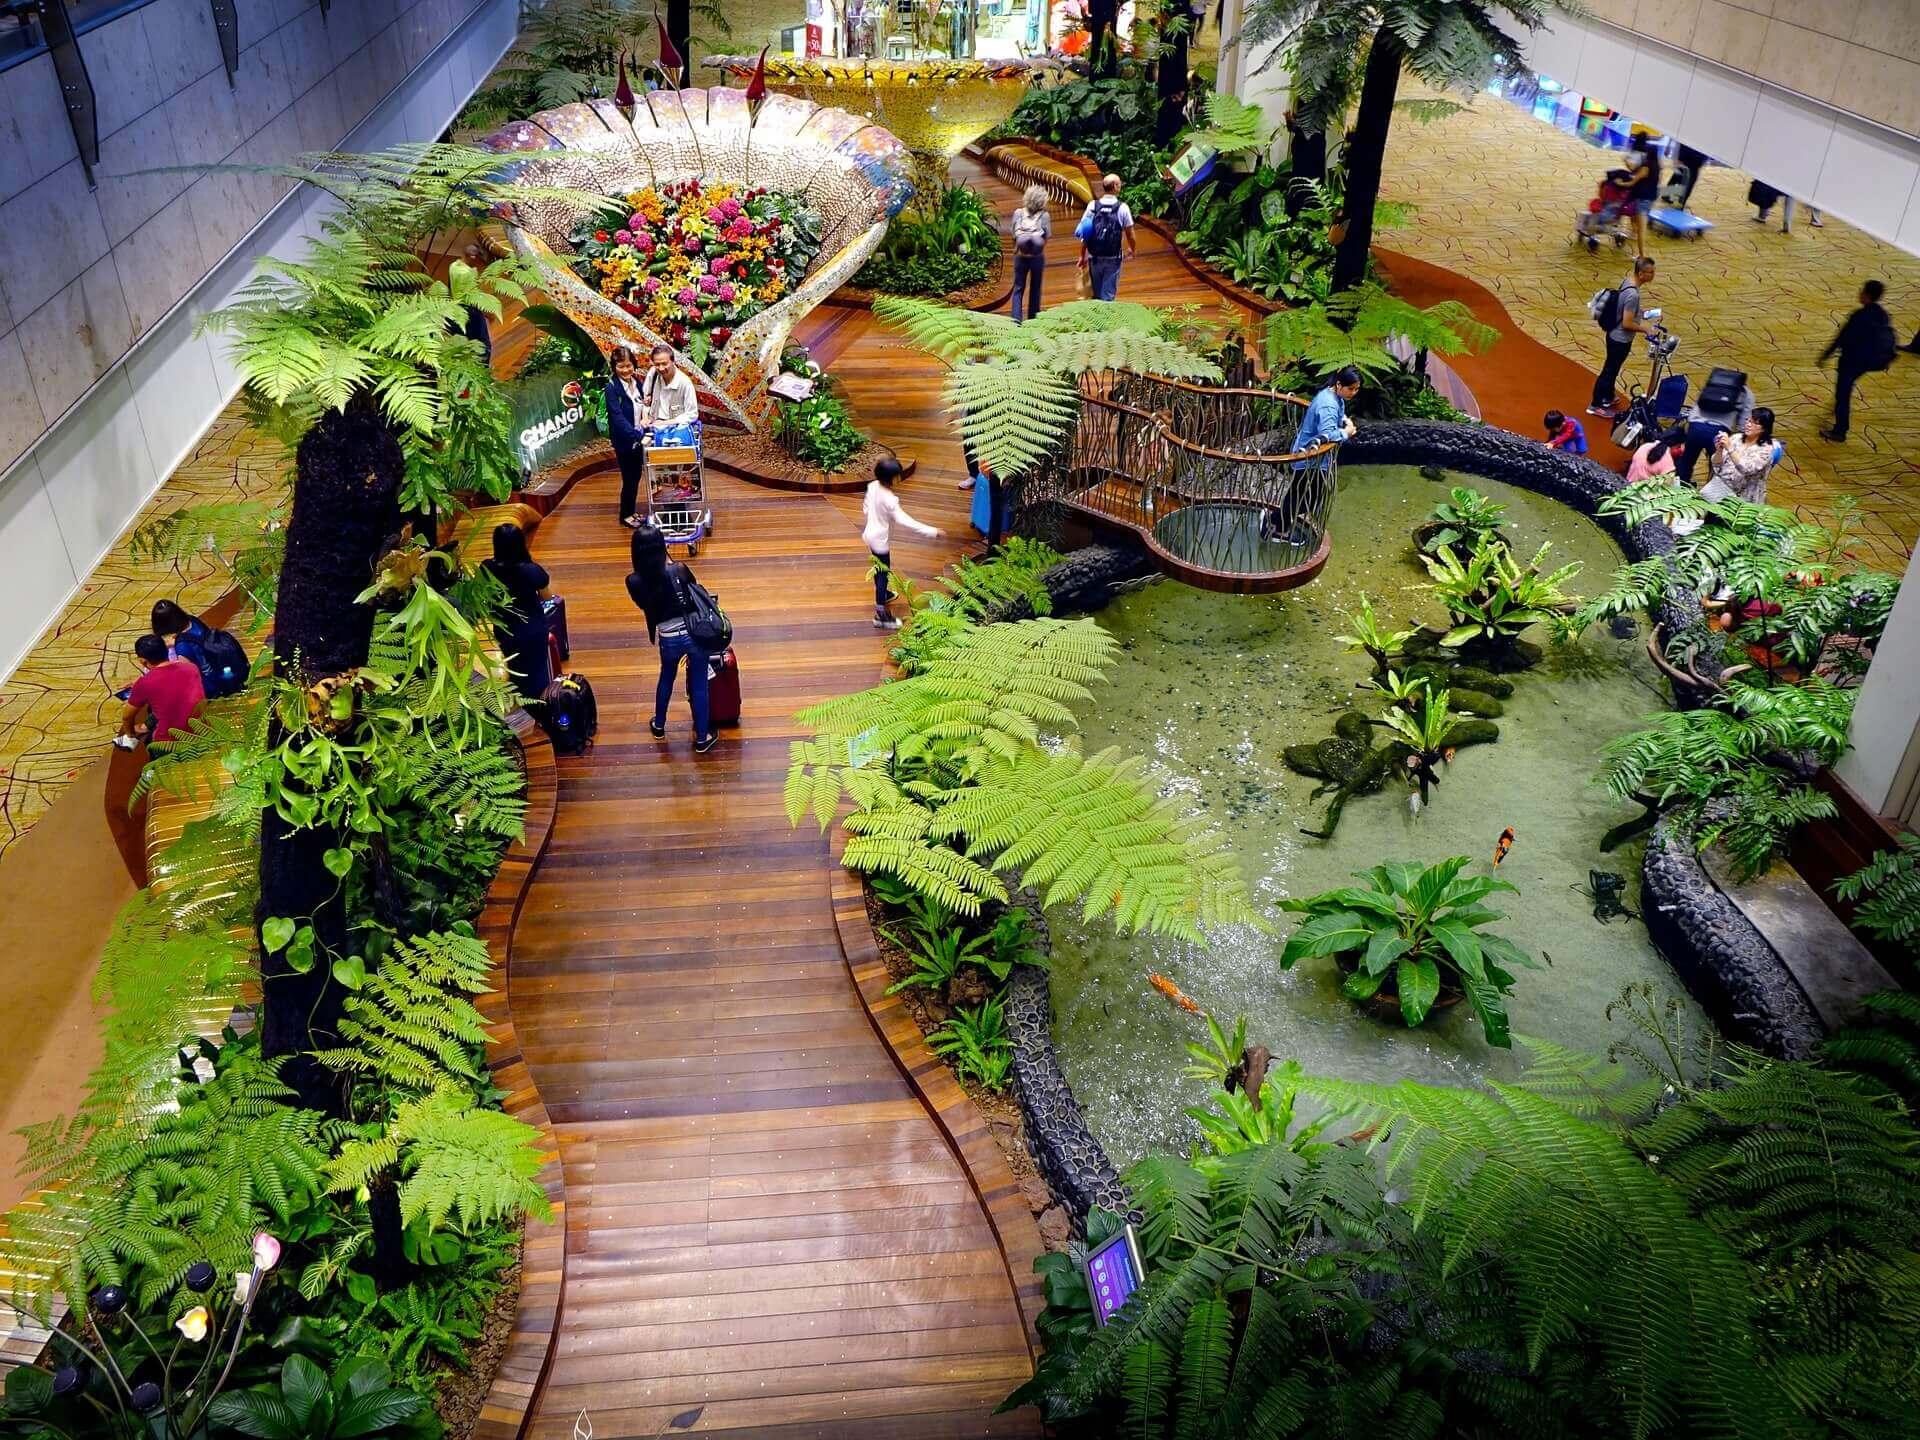 Singapore indoor gardem